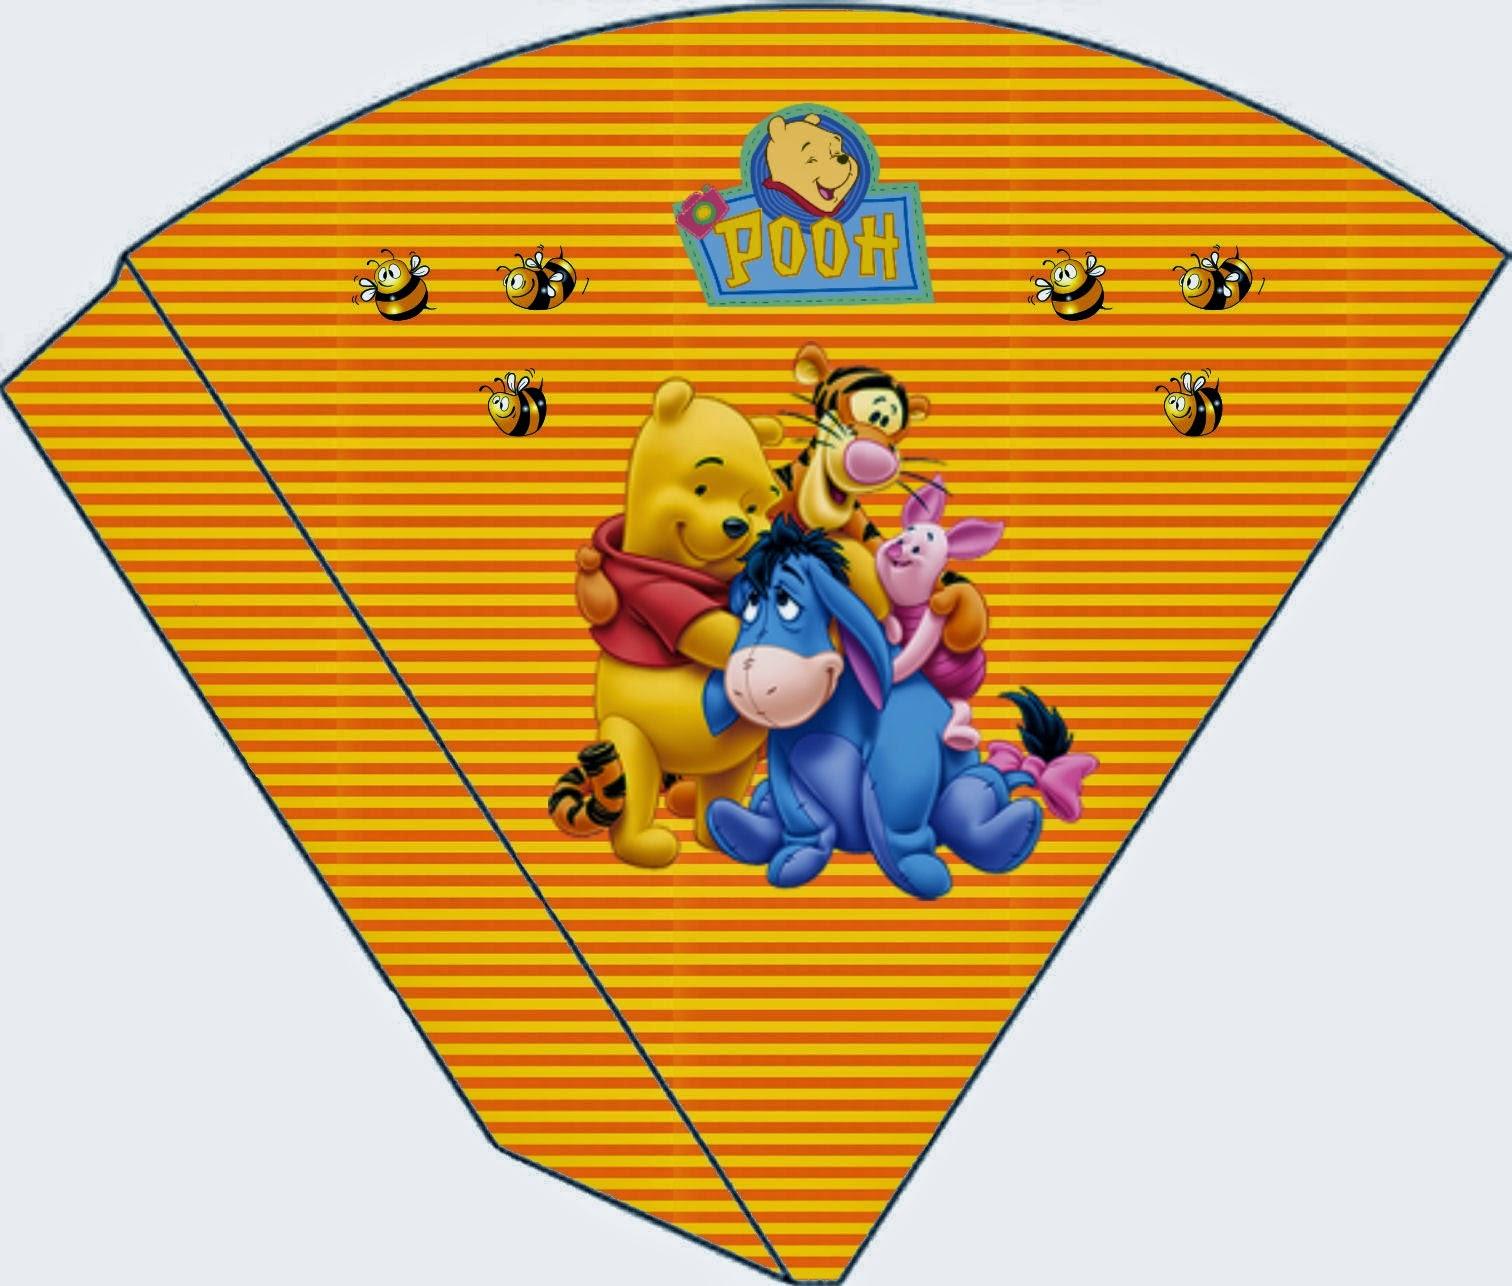 Amoroso Winnie the Pooh: Conos para Descargar Gratis.